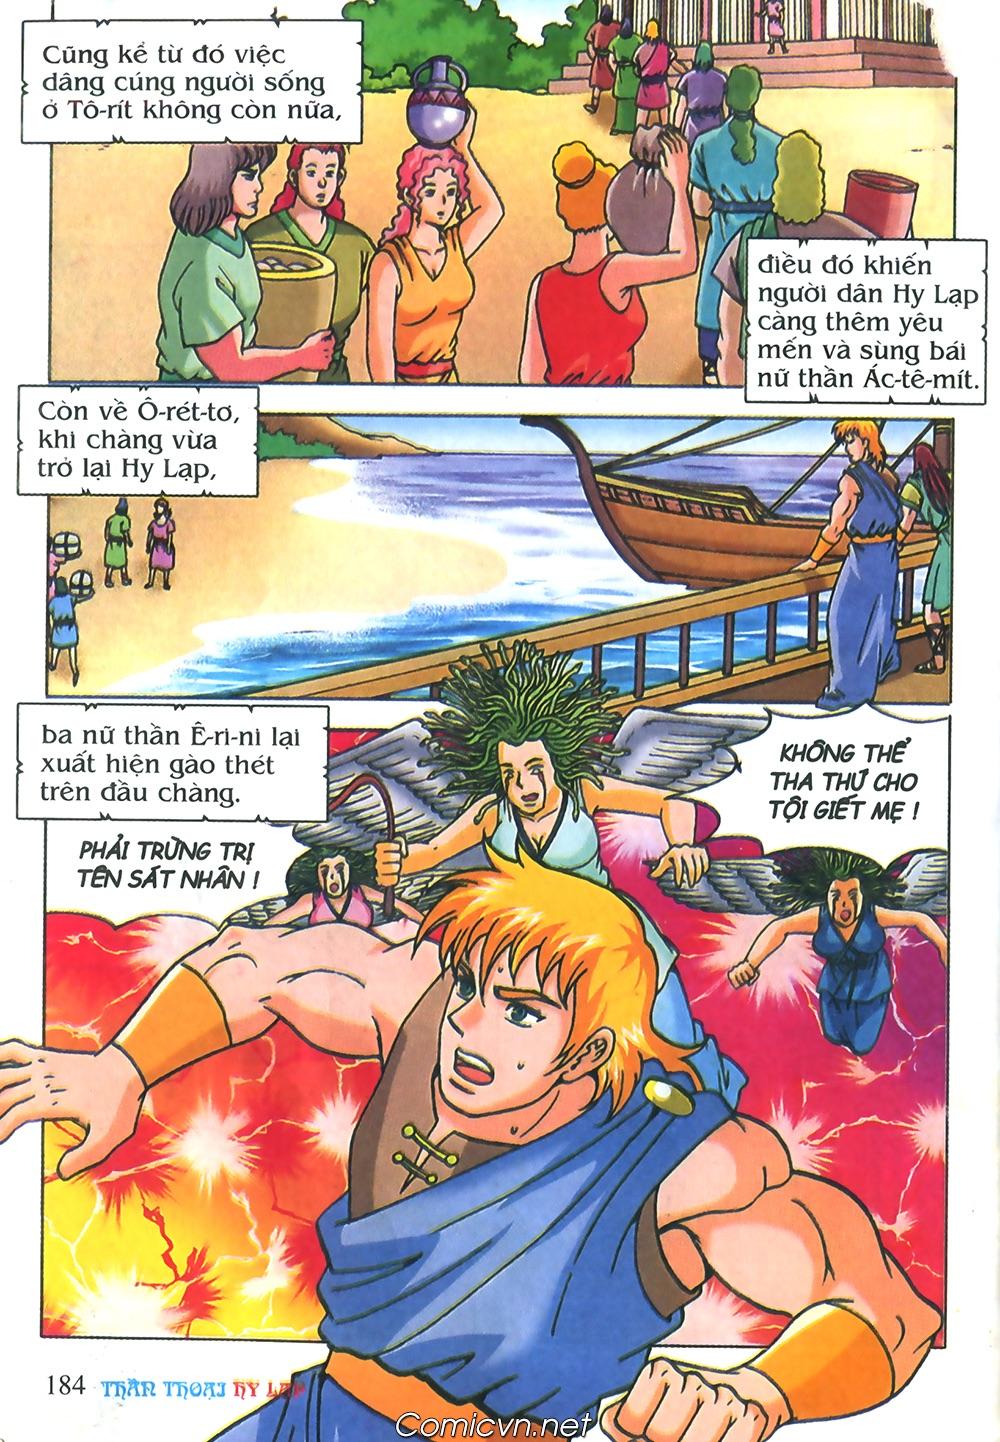 Thần Thoại Hy Lạp Màu - Chapter 71: Nàng Ê lếch tơ 2 - Pic 35